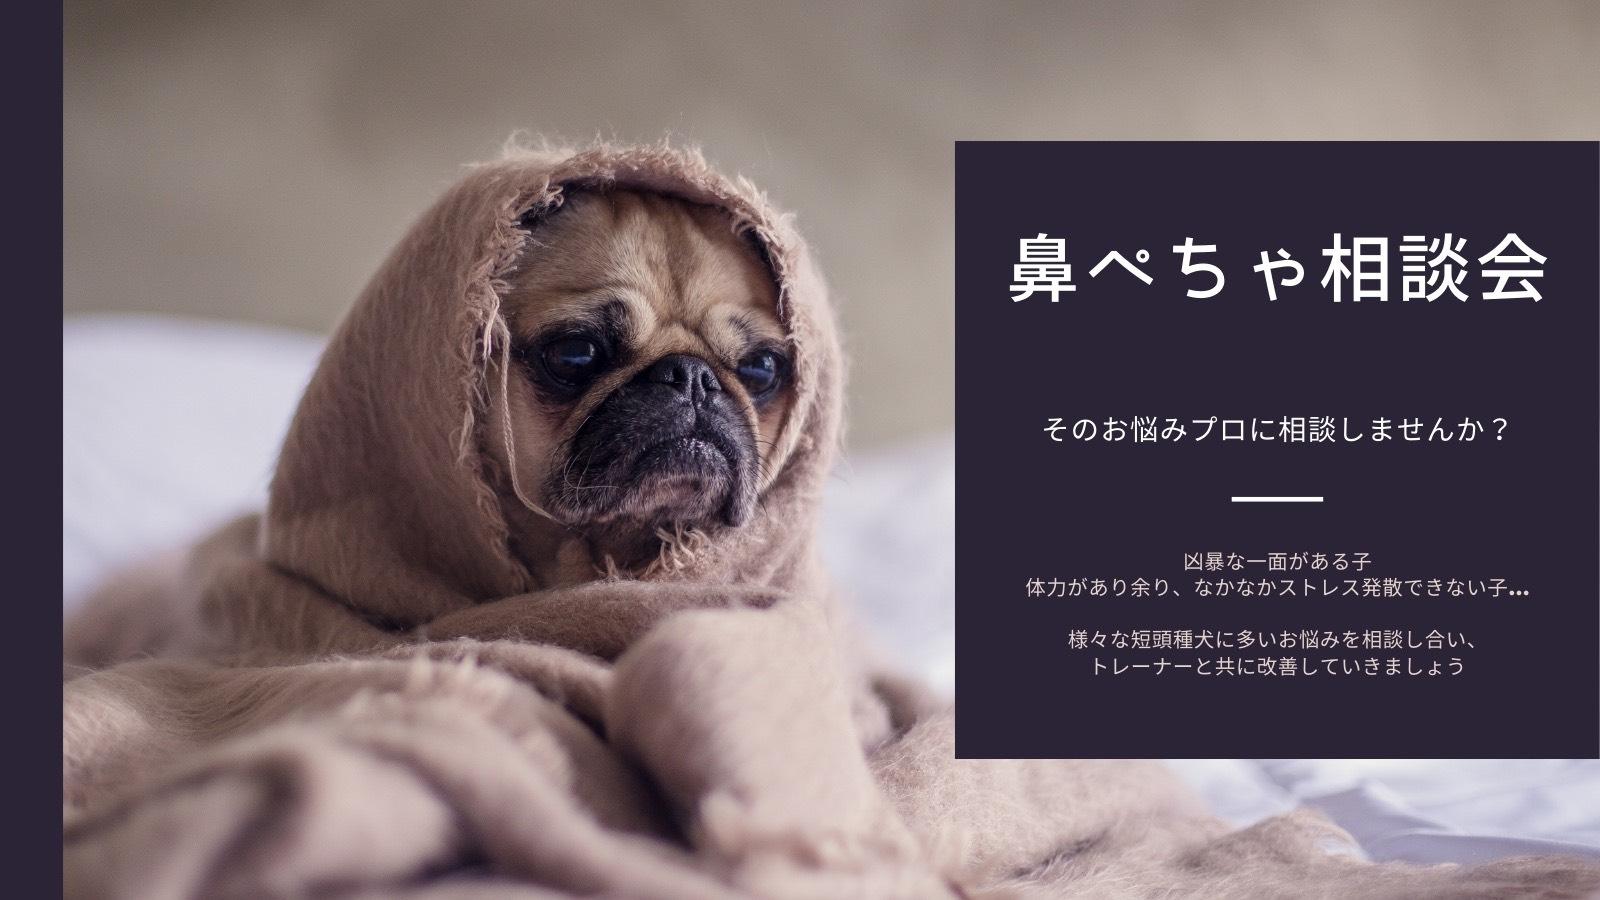 5/22  鼻ペチャ相談会